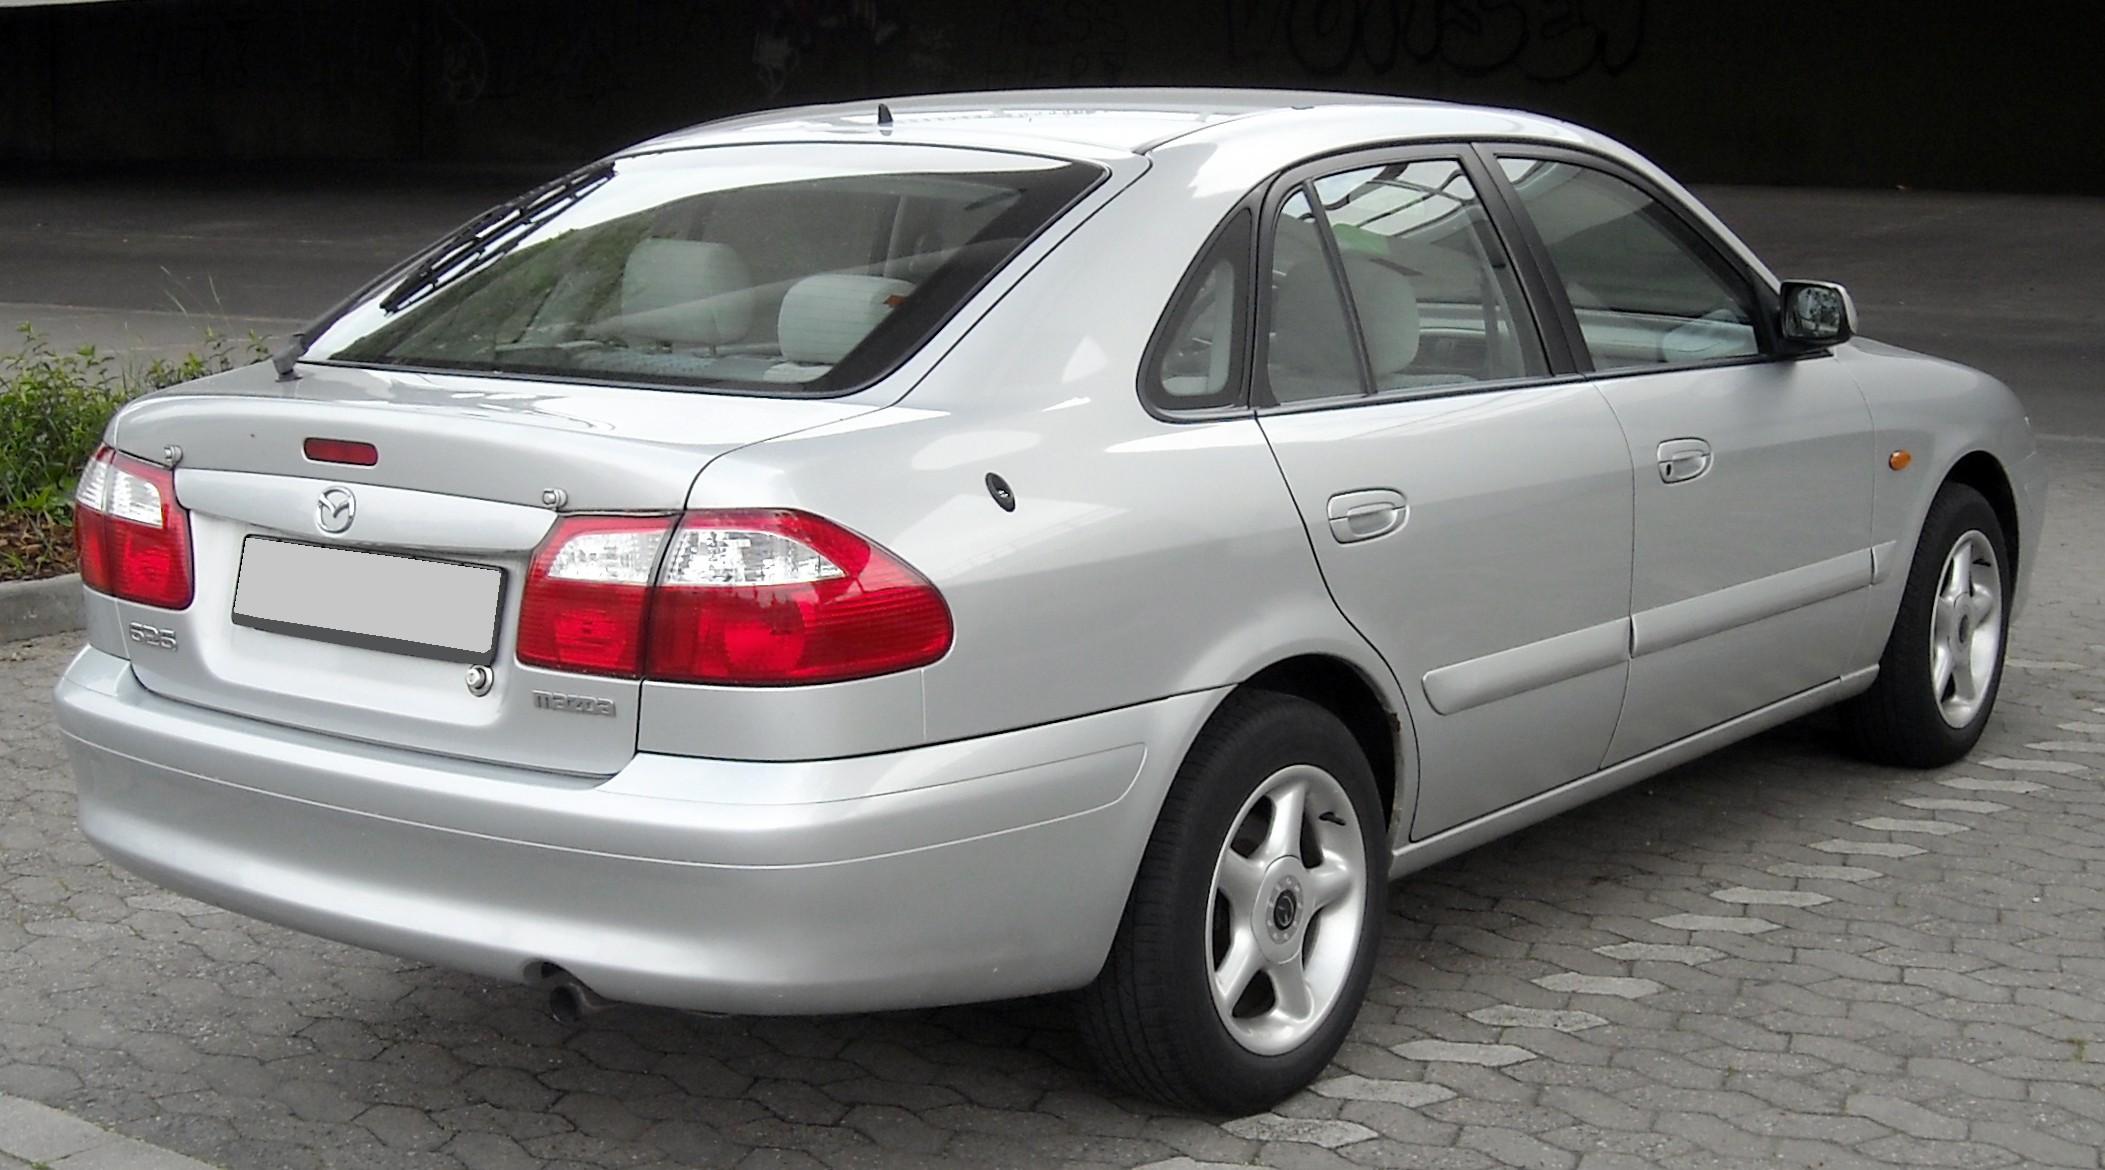 File:Mazda 626 rear 20090506.jpg